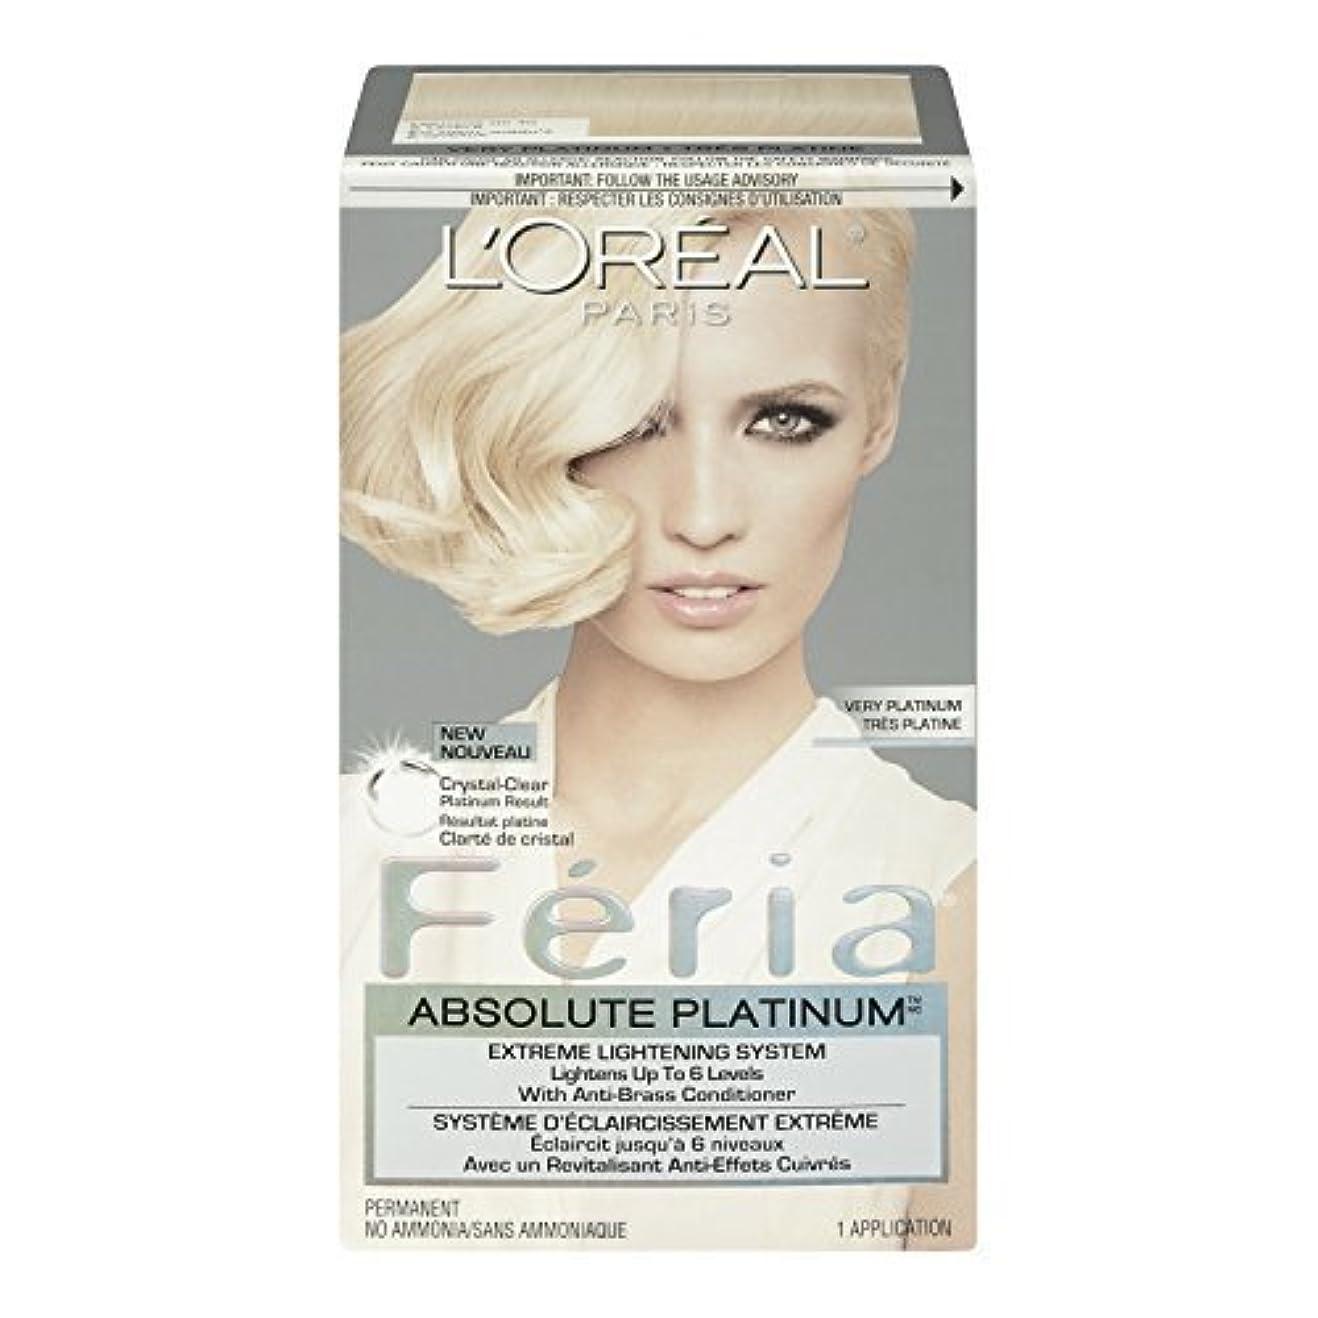 抵抗力がある連帯流行しているL'Oreal Feria Absolute Platinums Hair Color, Very Platinum by L'Oreal Paris Hair Color [並行輸入品]